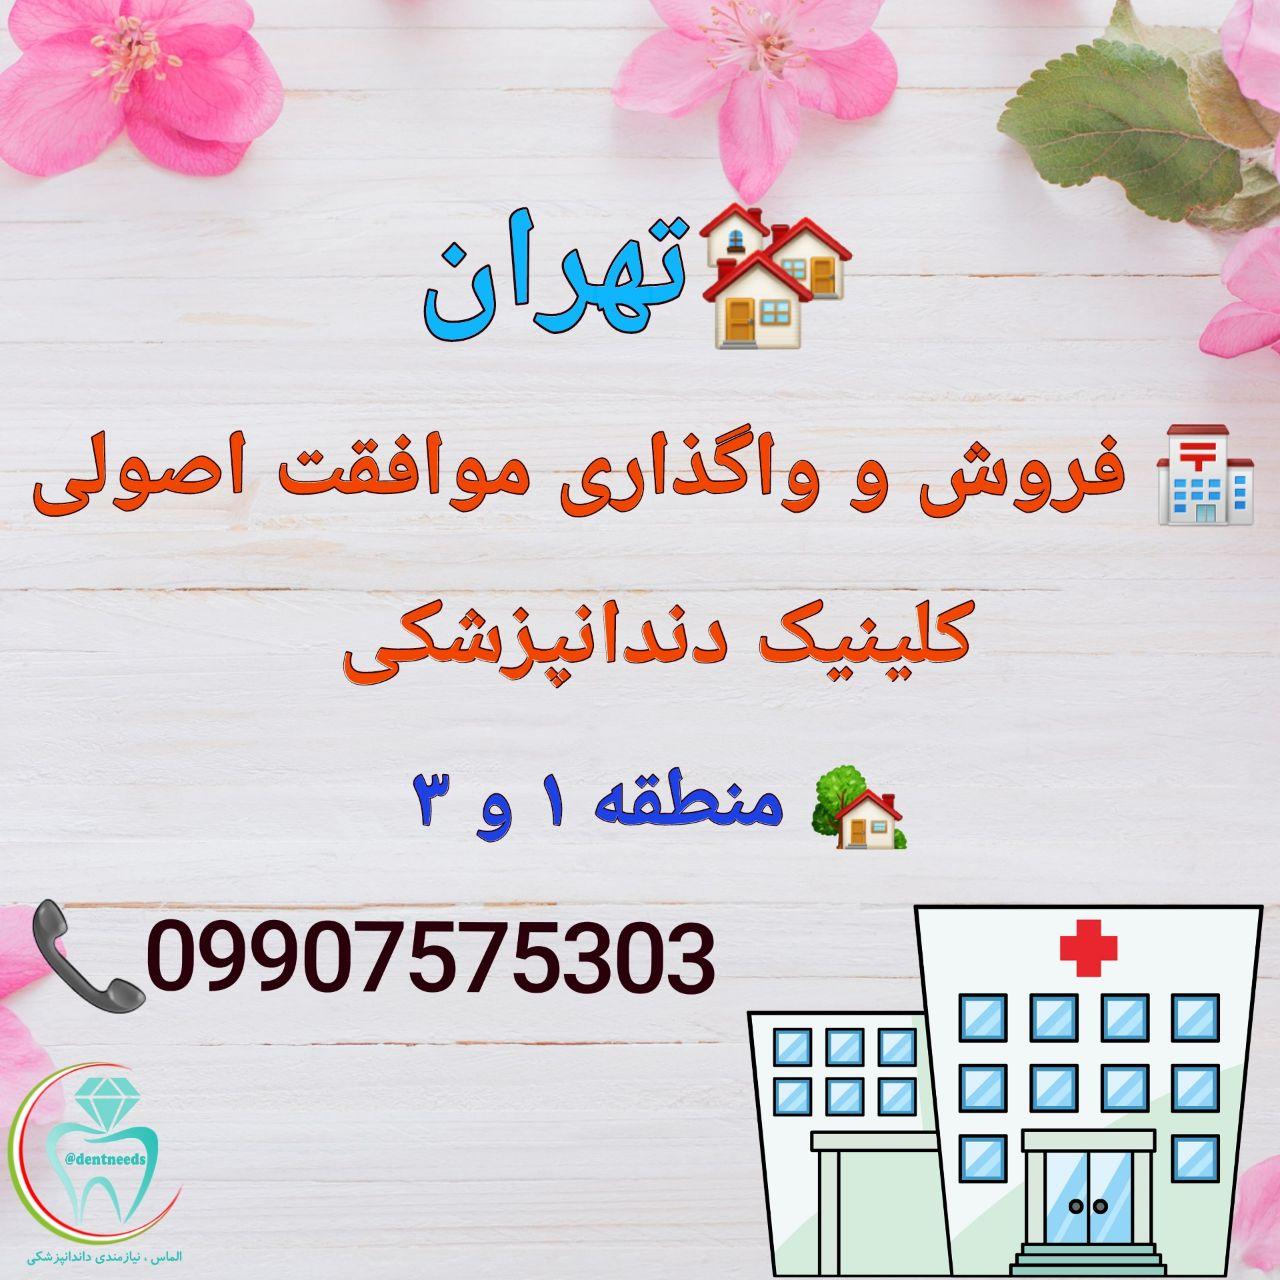 تهران: فروش و واگذاری موافقت اصولی کلینیک دندانپزشکی